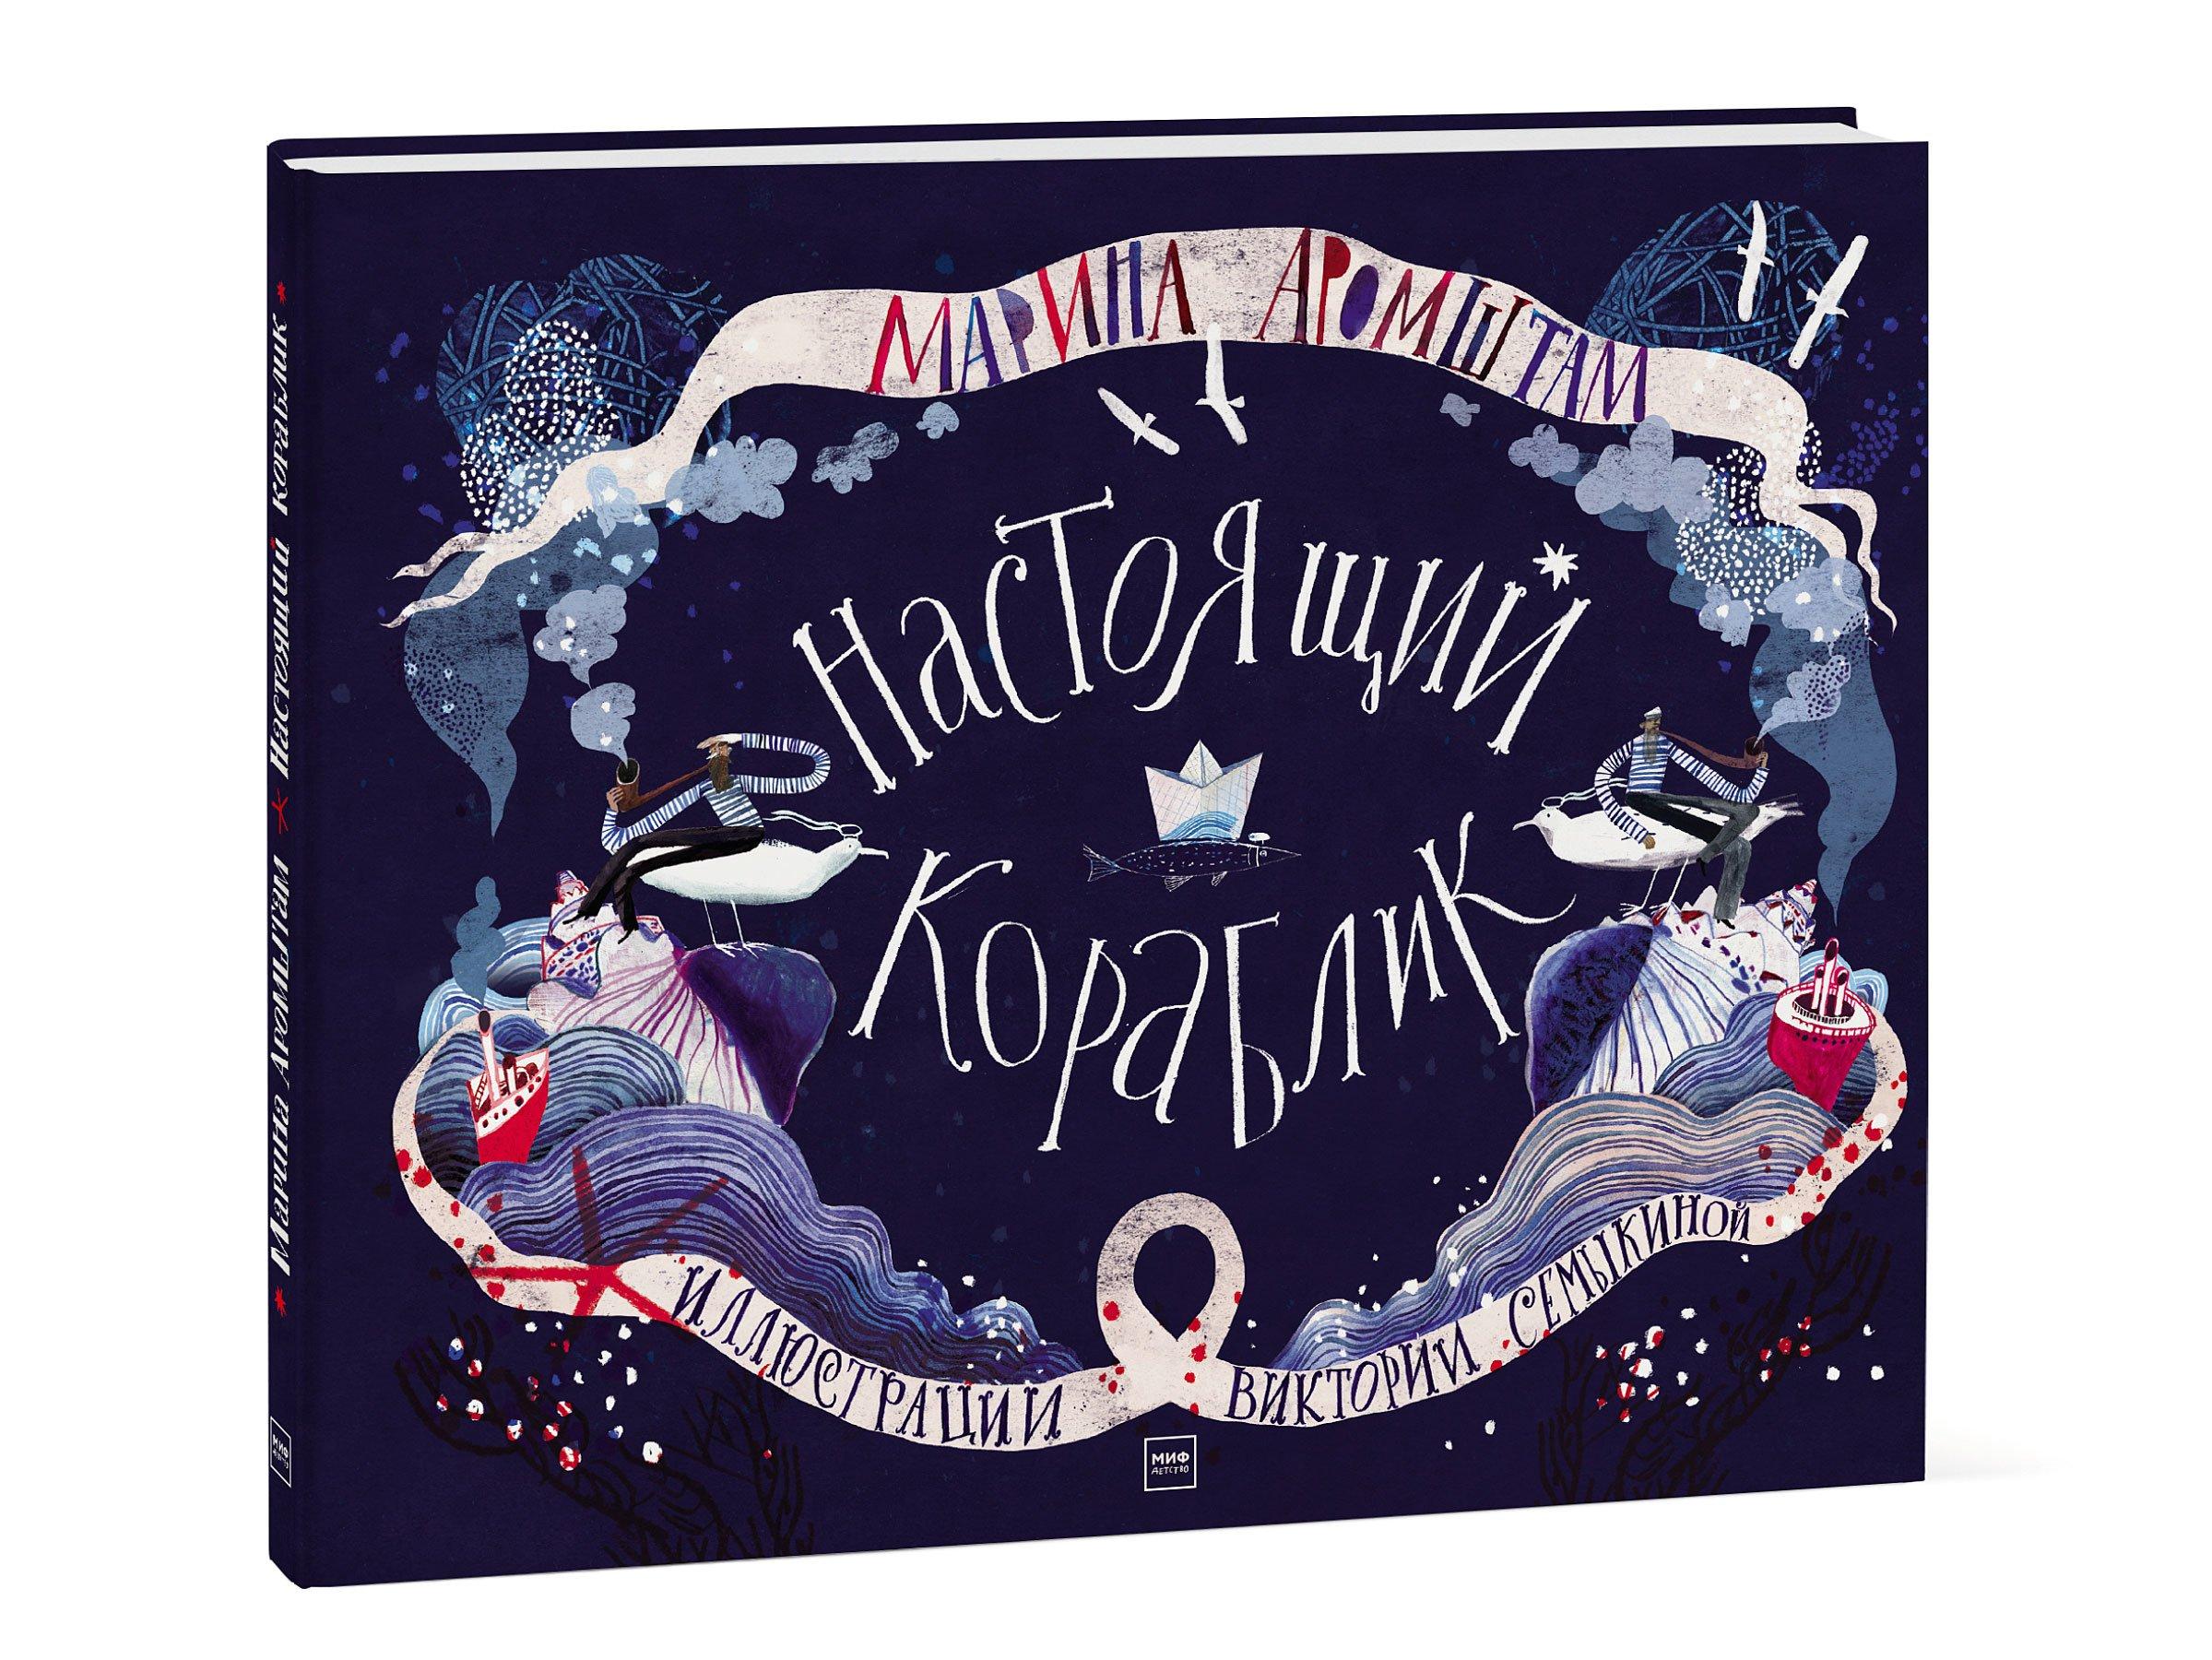 Марина Аромштам, иллюстратор Виктория Семыкина Настоящий кораблик марина аромштам иллюстратор виктория семыкина настоящий кораблик